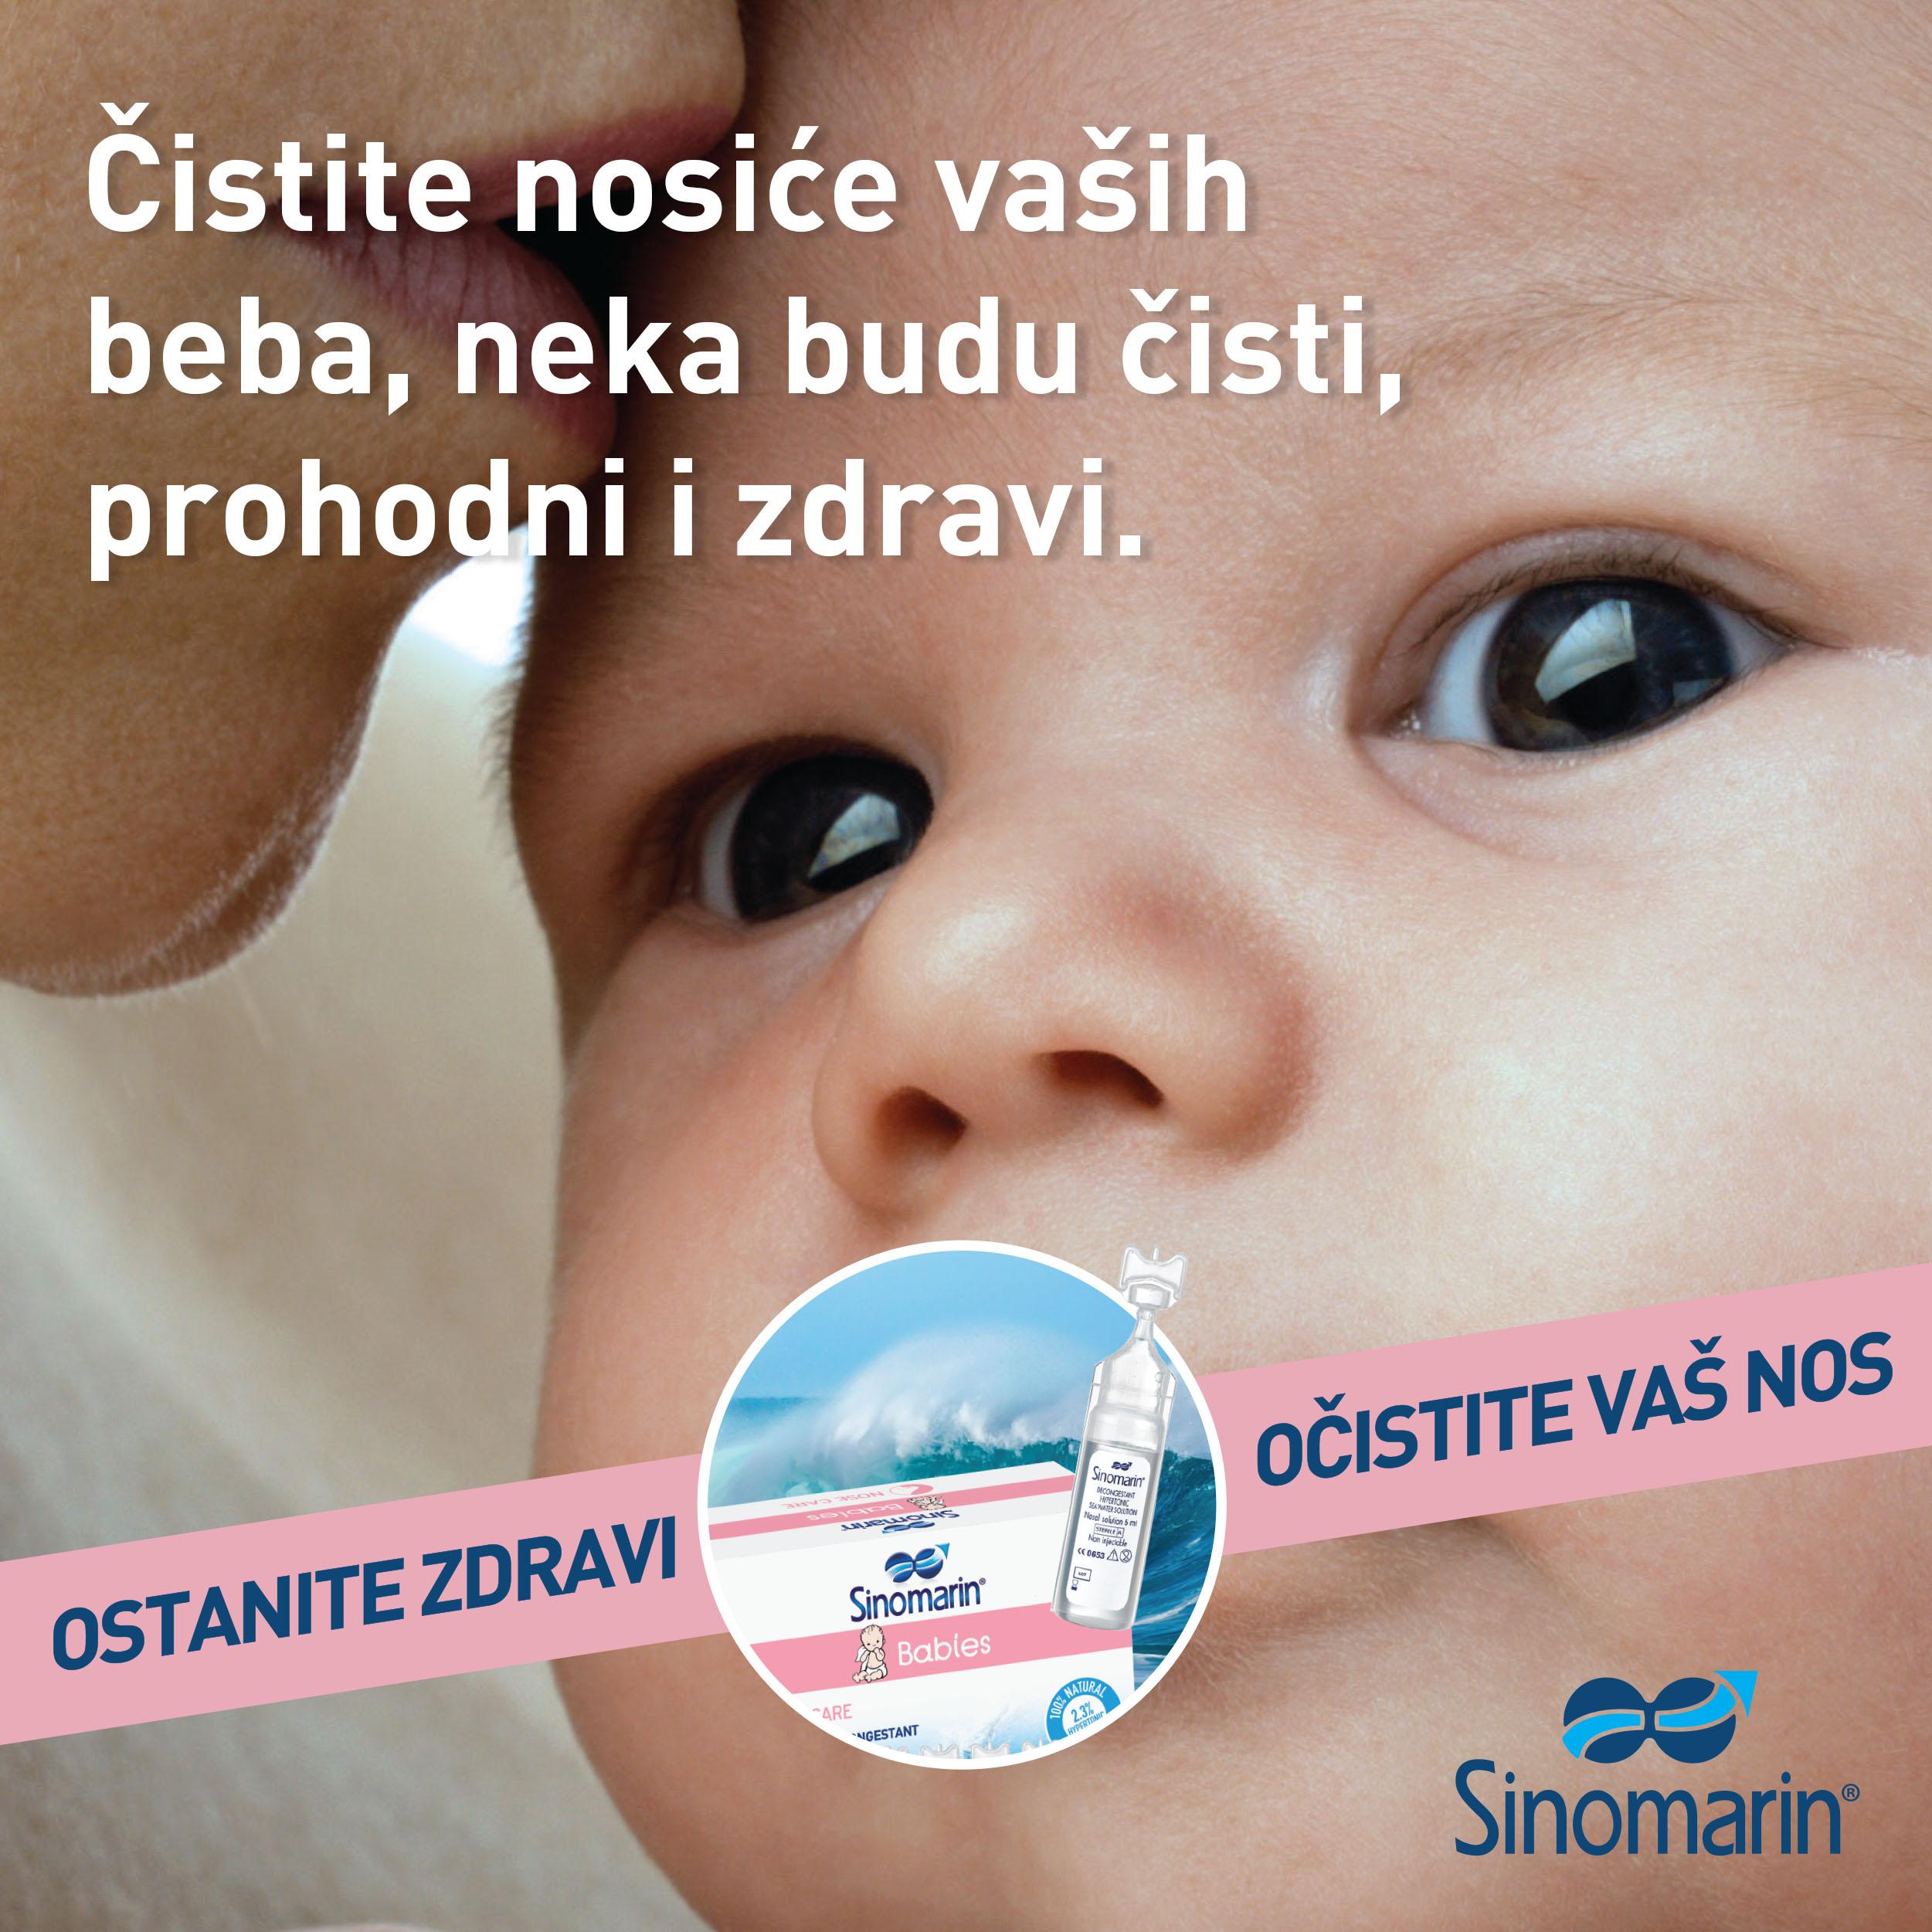 Redovna higijena, čišćenje nosa može pomoći u prevenciji COVID-a.